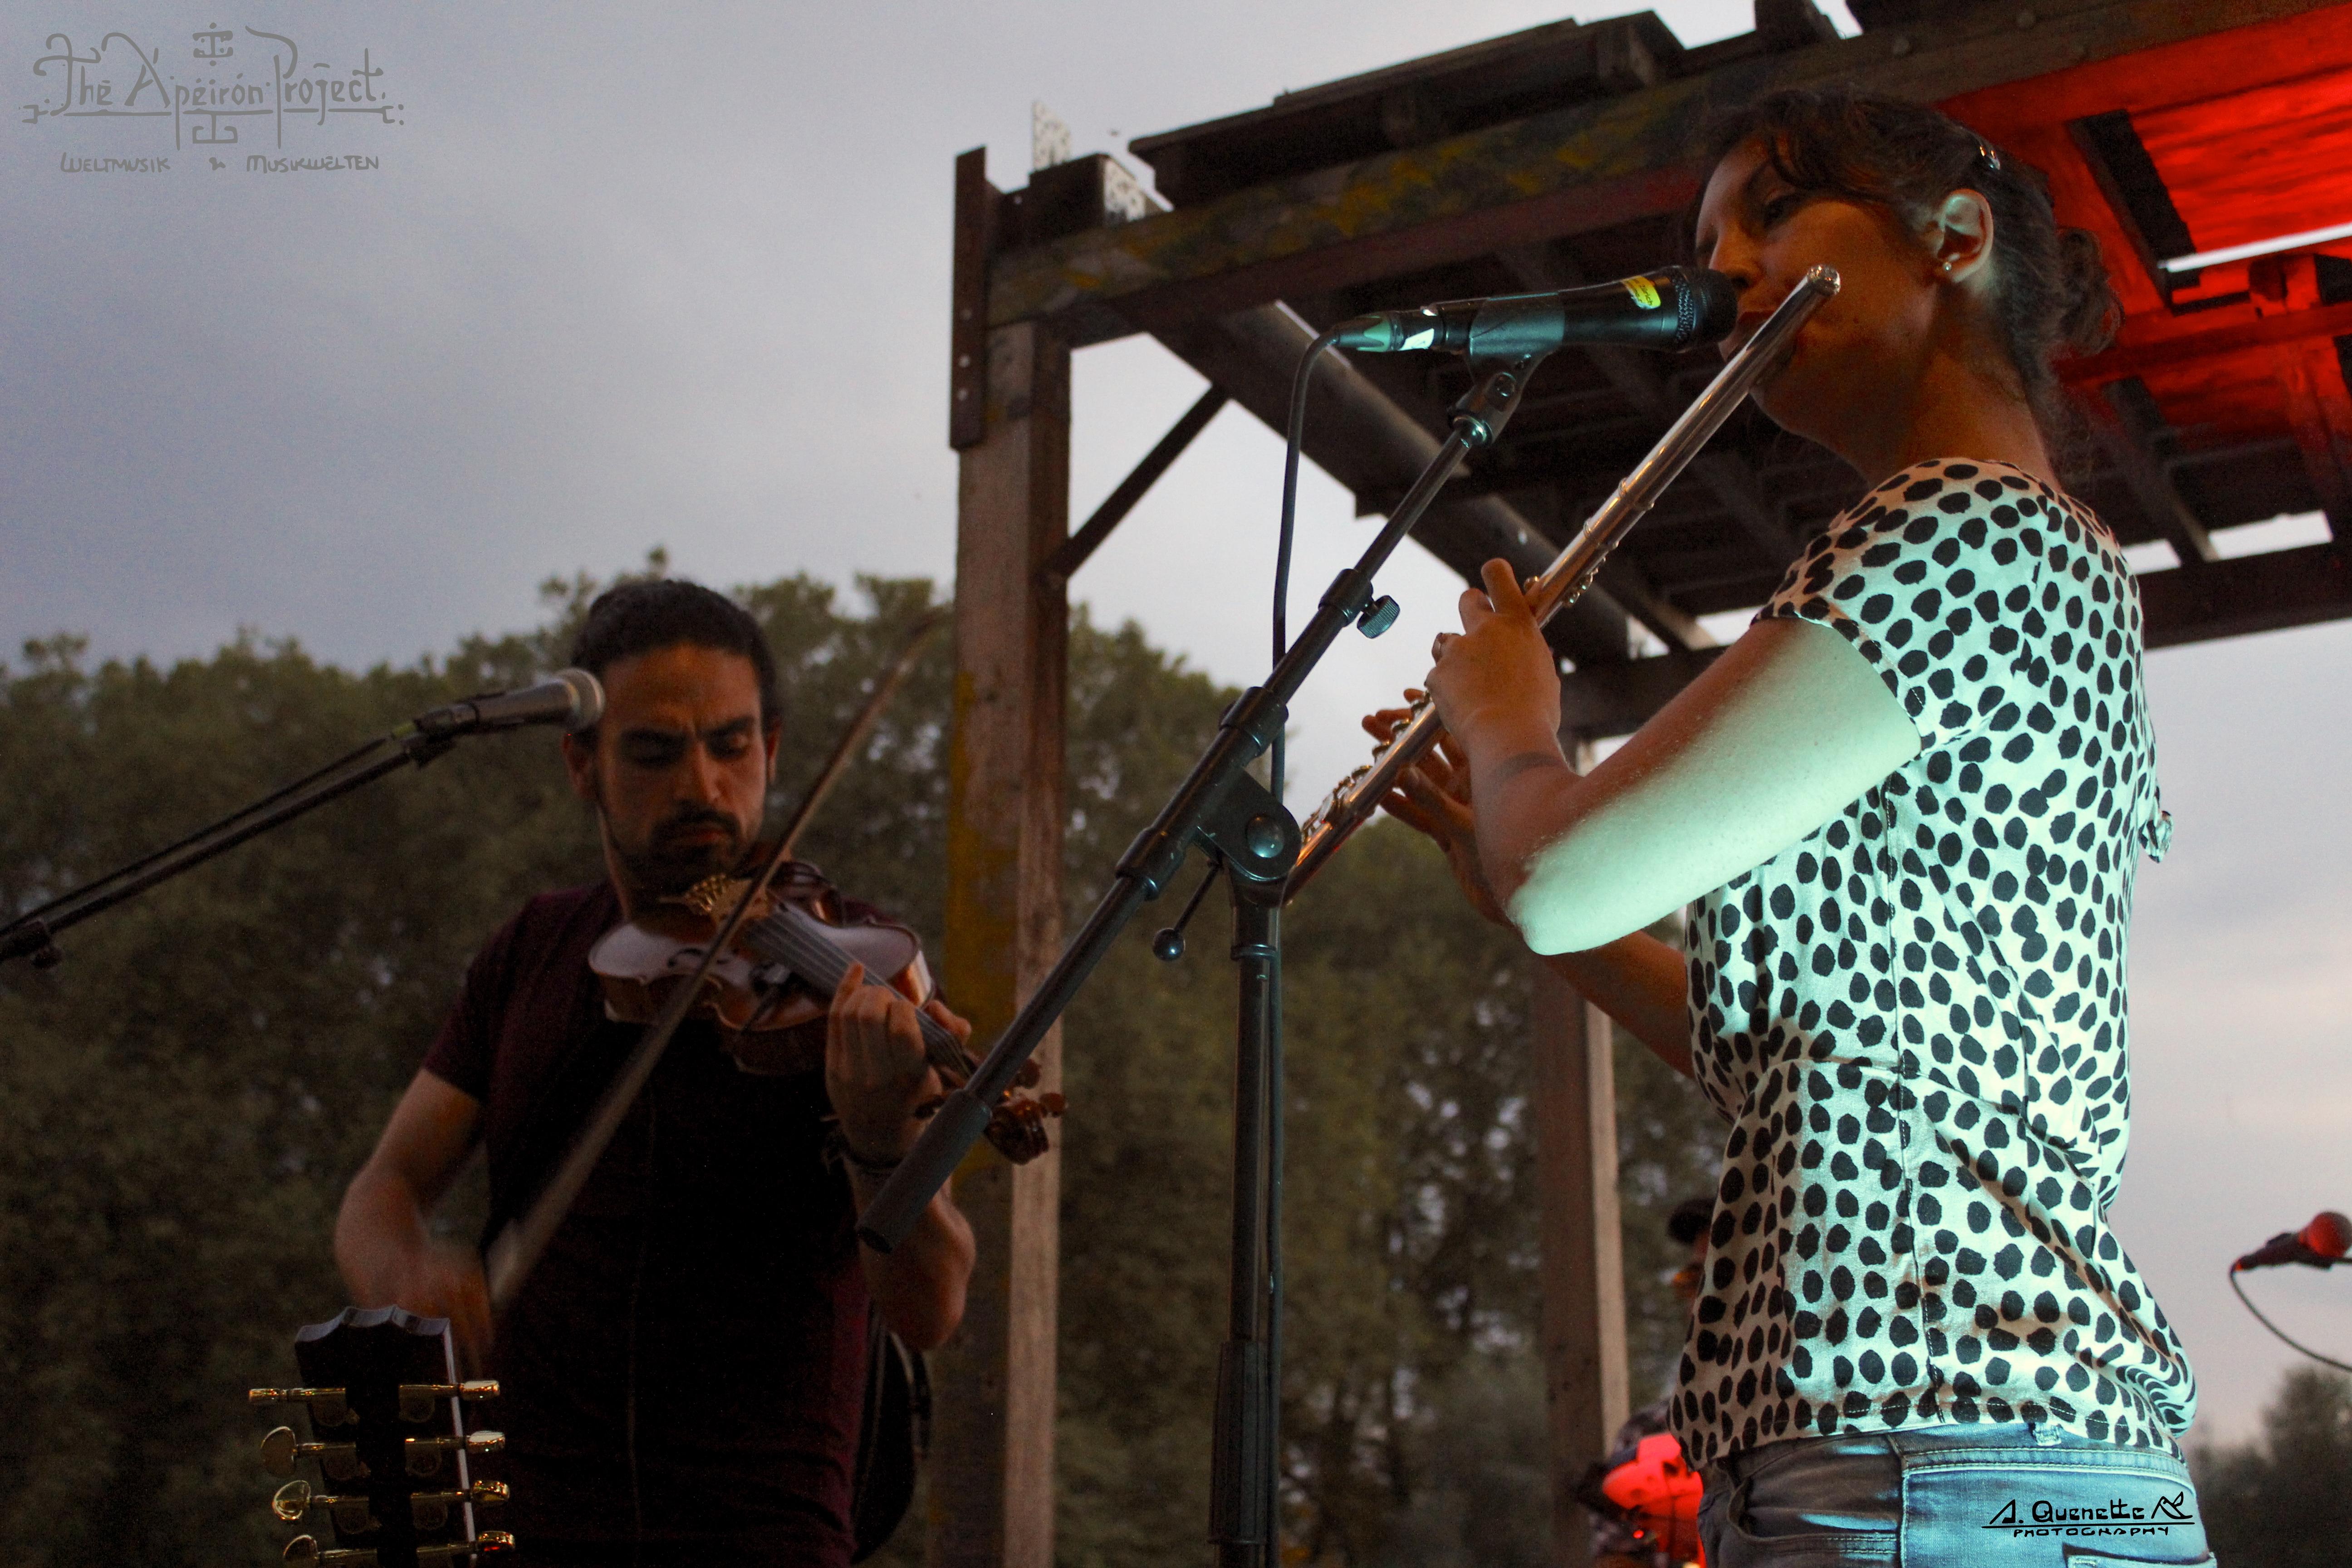 Fernando&Marta_Chuchi am Wasser